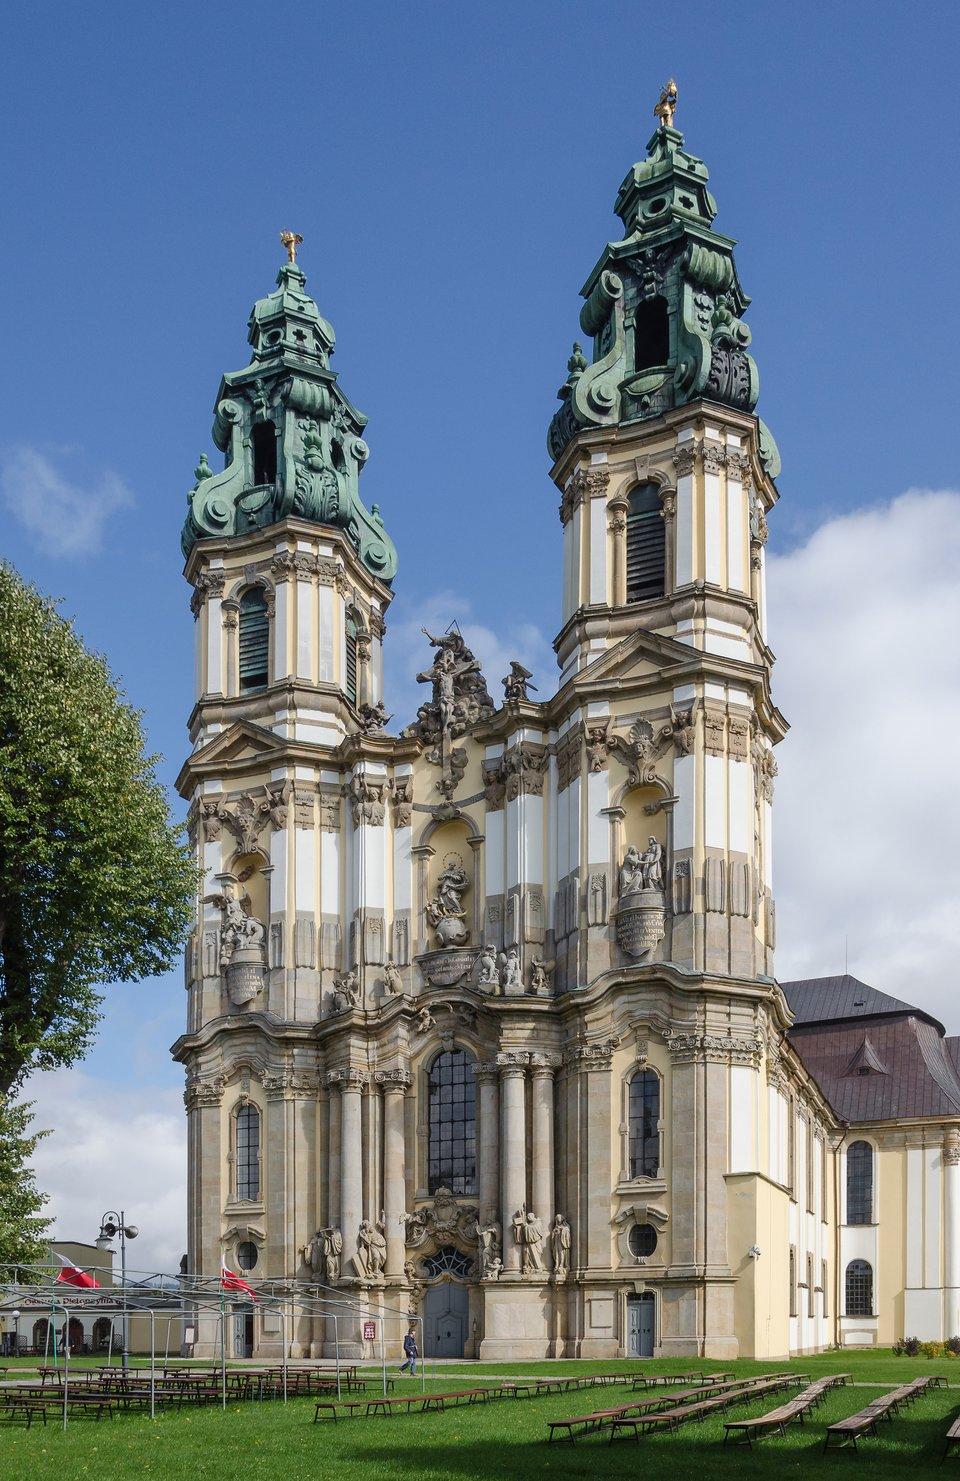 KościółwKrzeszowie na Dolnym Śląsku. KościółwKrzeszowie na Dolnym Śląsku. Źródło: Jacek Halicki, Wikimedia Commons, licencja: CC BY-SA 3.0.